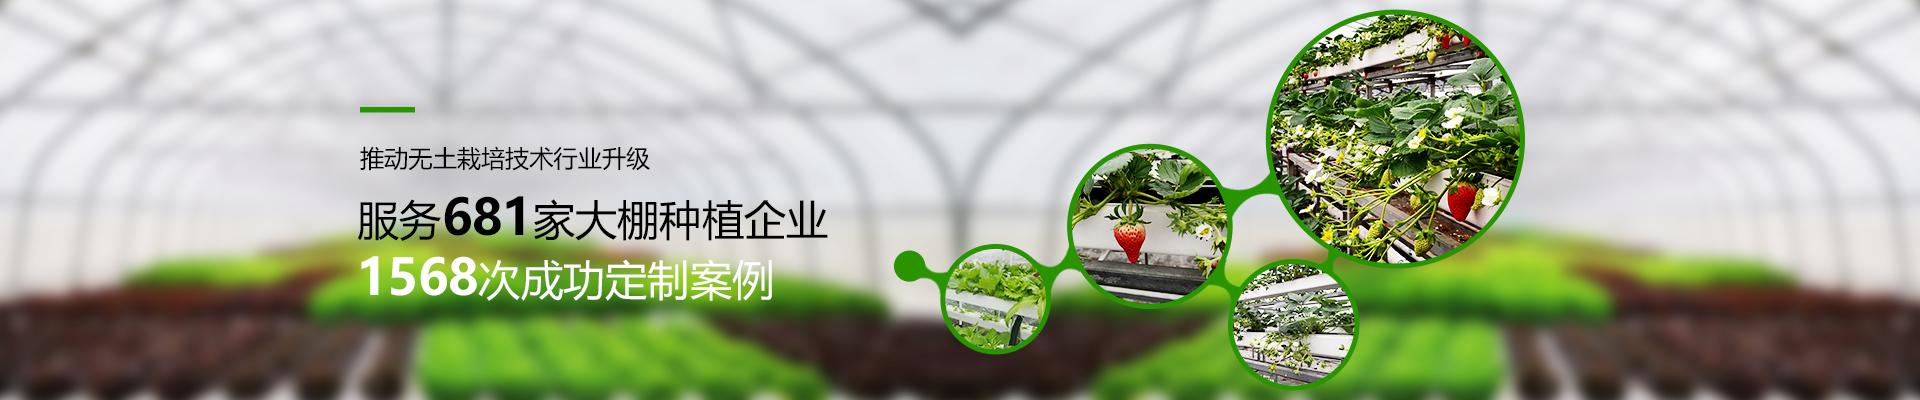 荣成农业-推动无土栽培技术行业升级